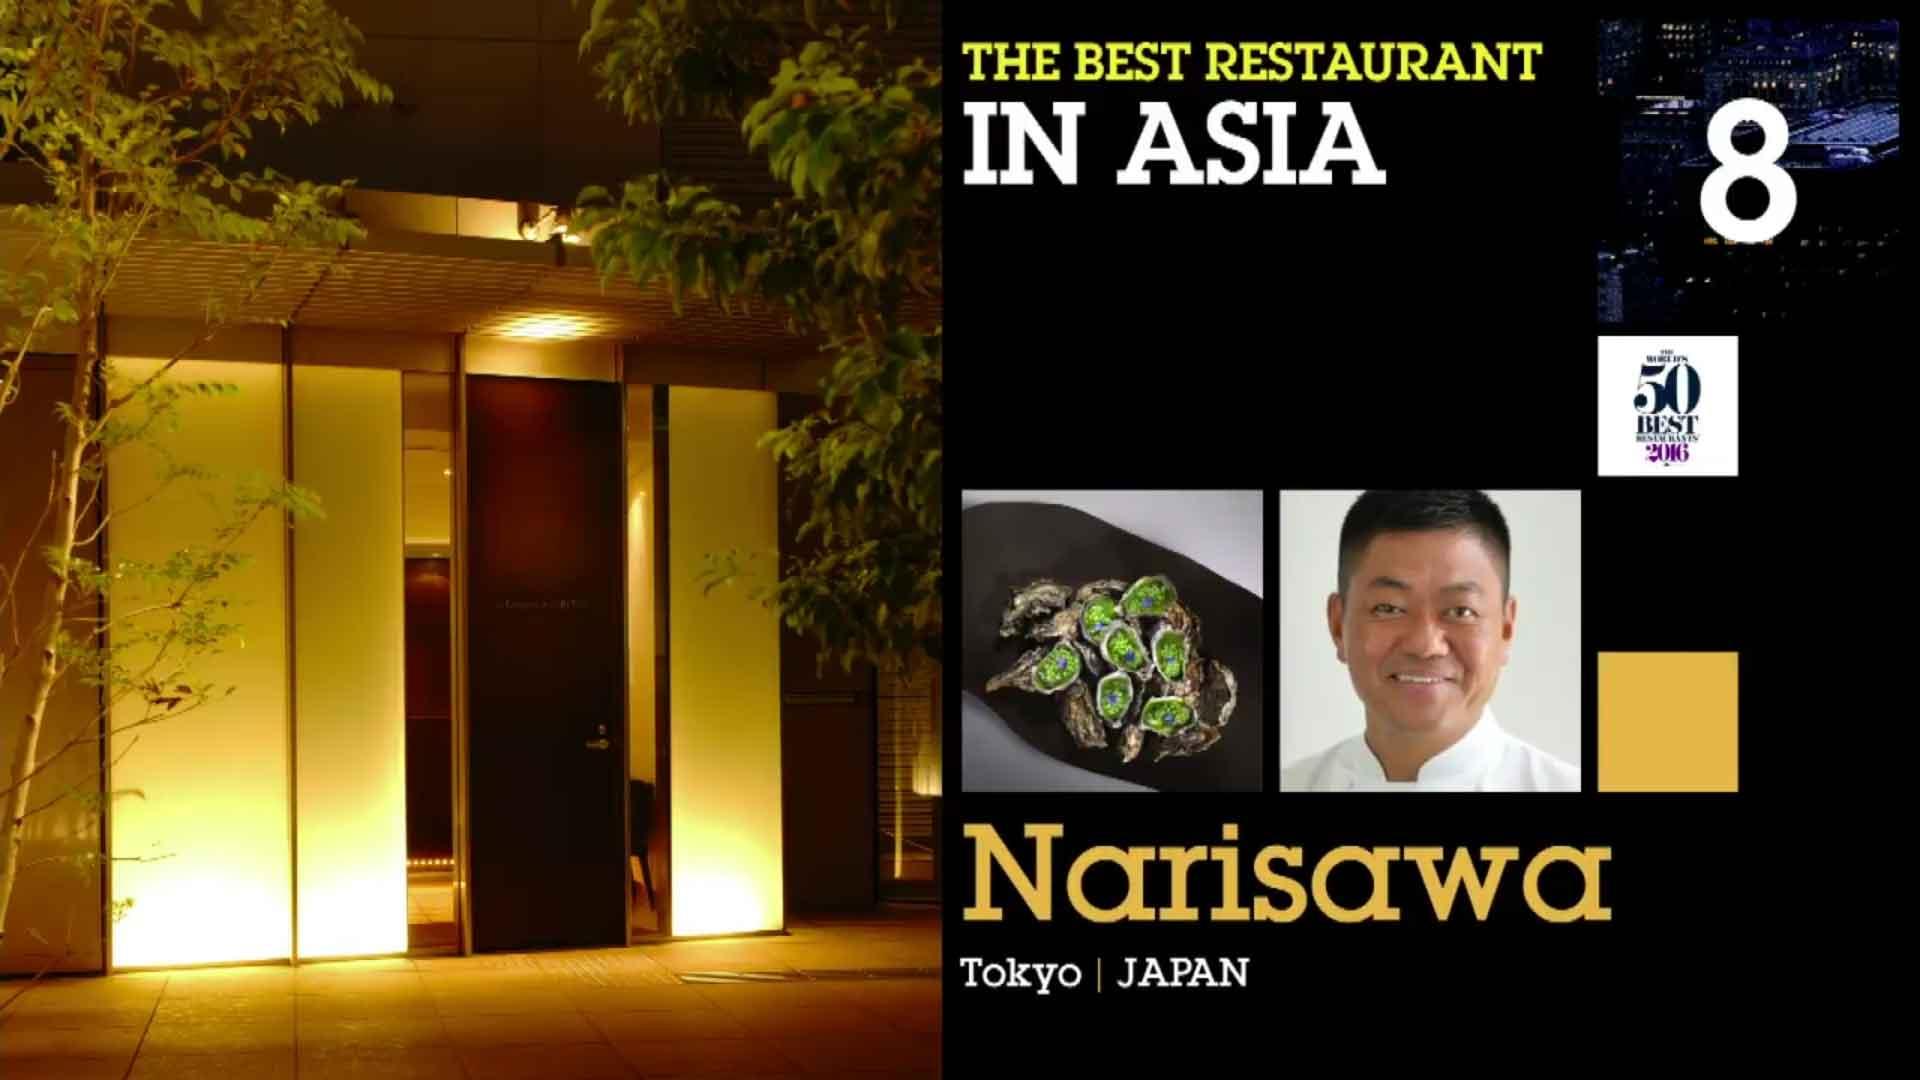 50 Best Restaurants 2016 classifica 8